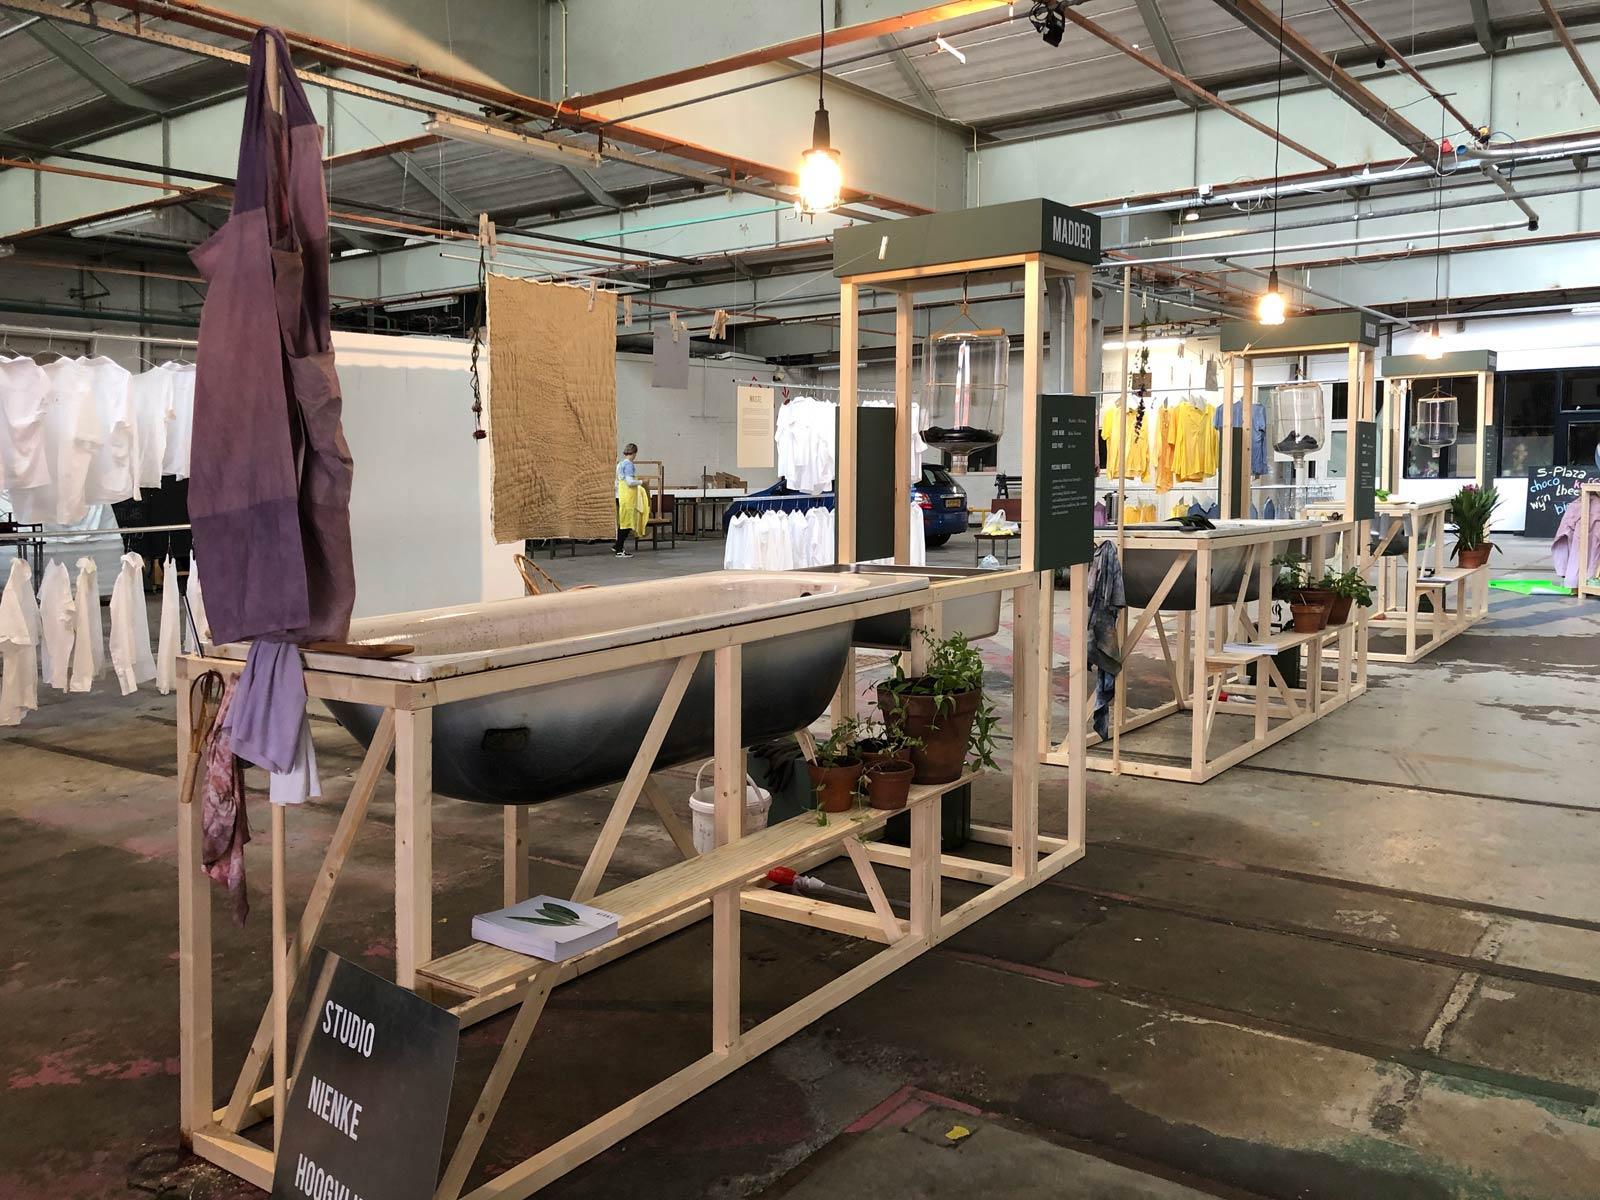 Holzkonstruktion mit Badewanne zum Färben von Stoffen